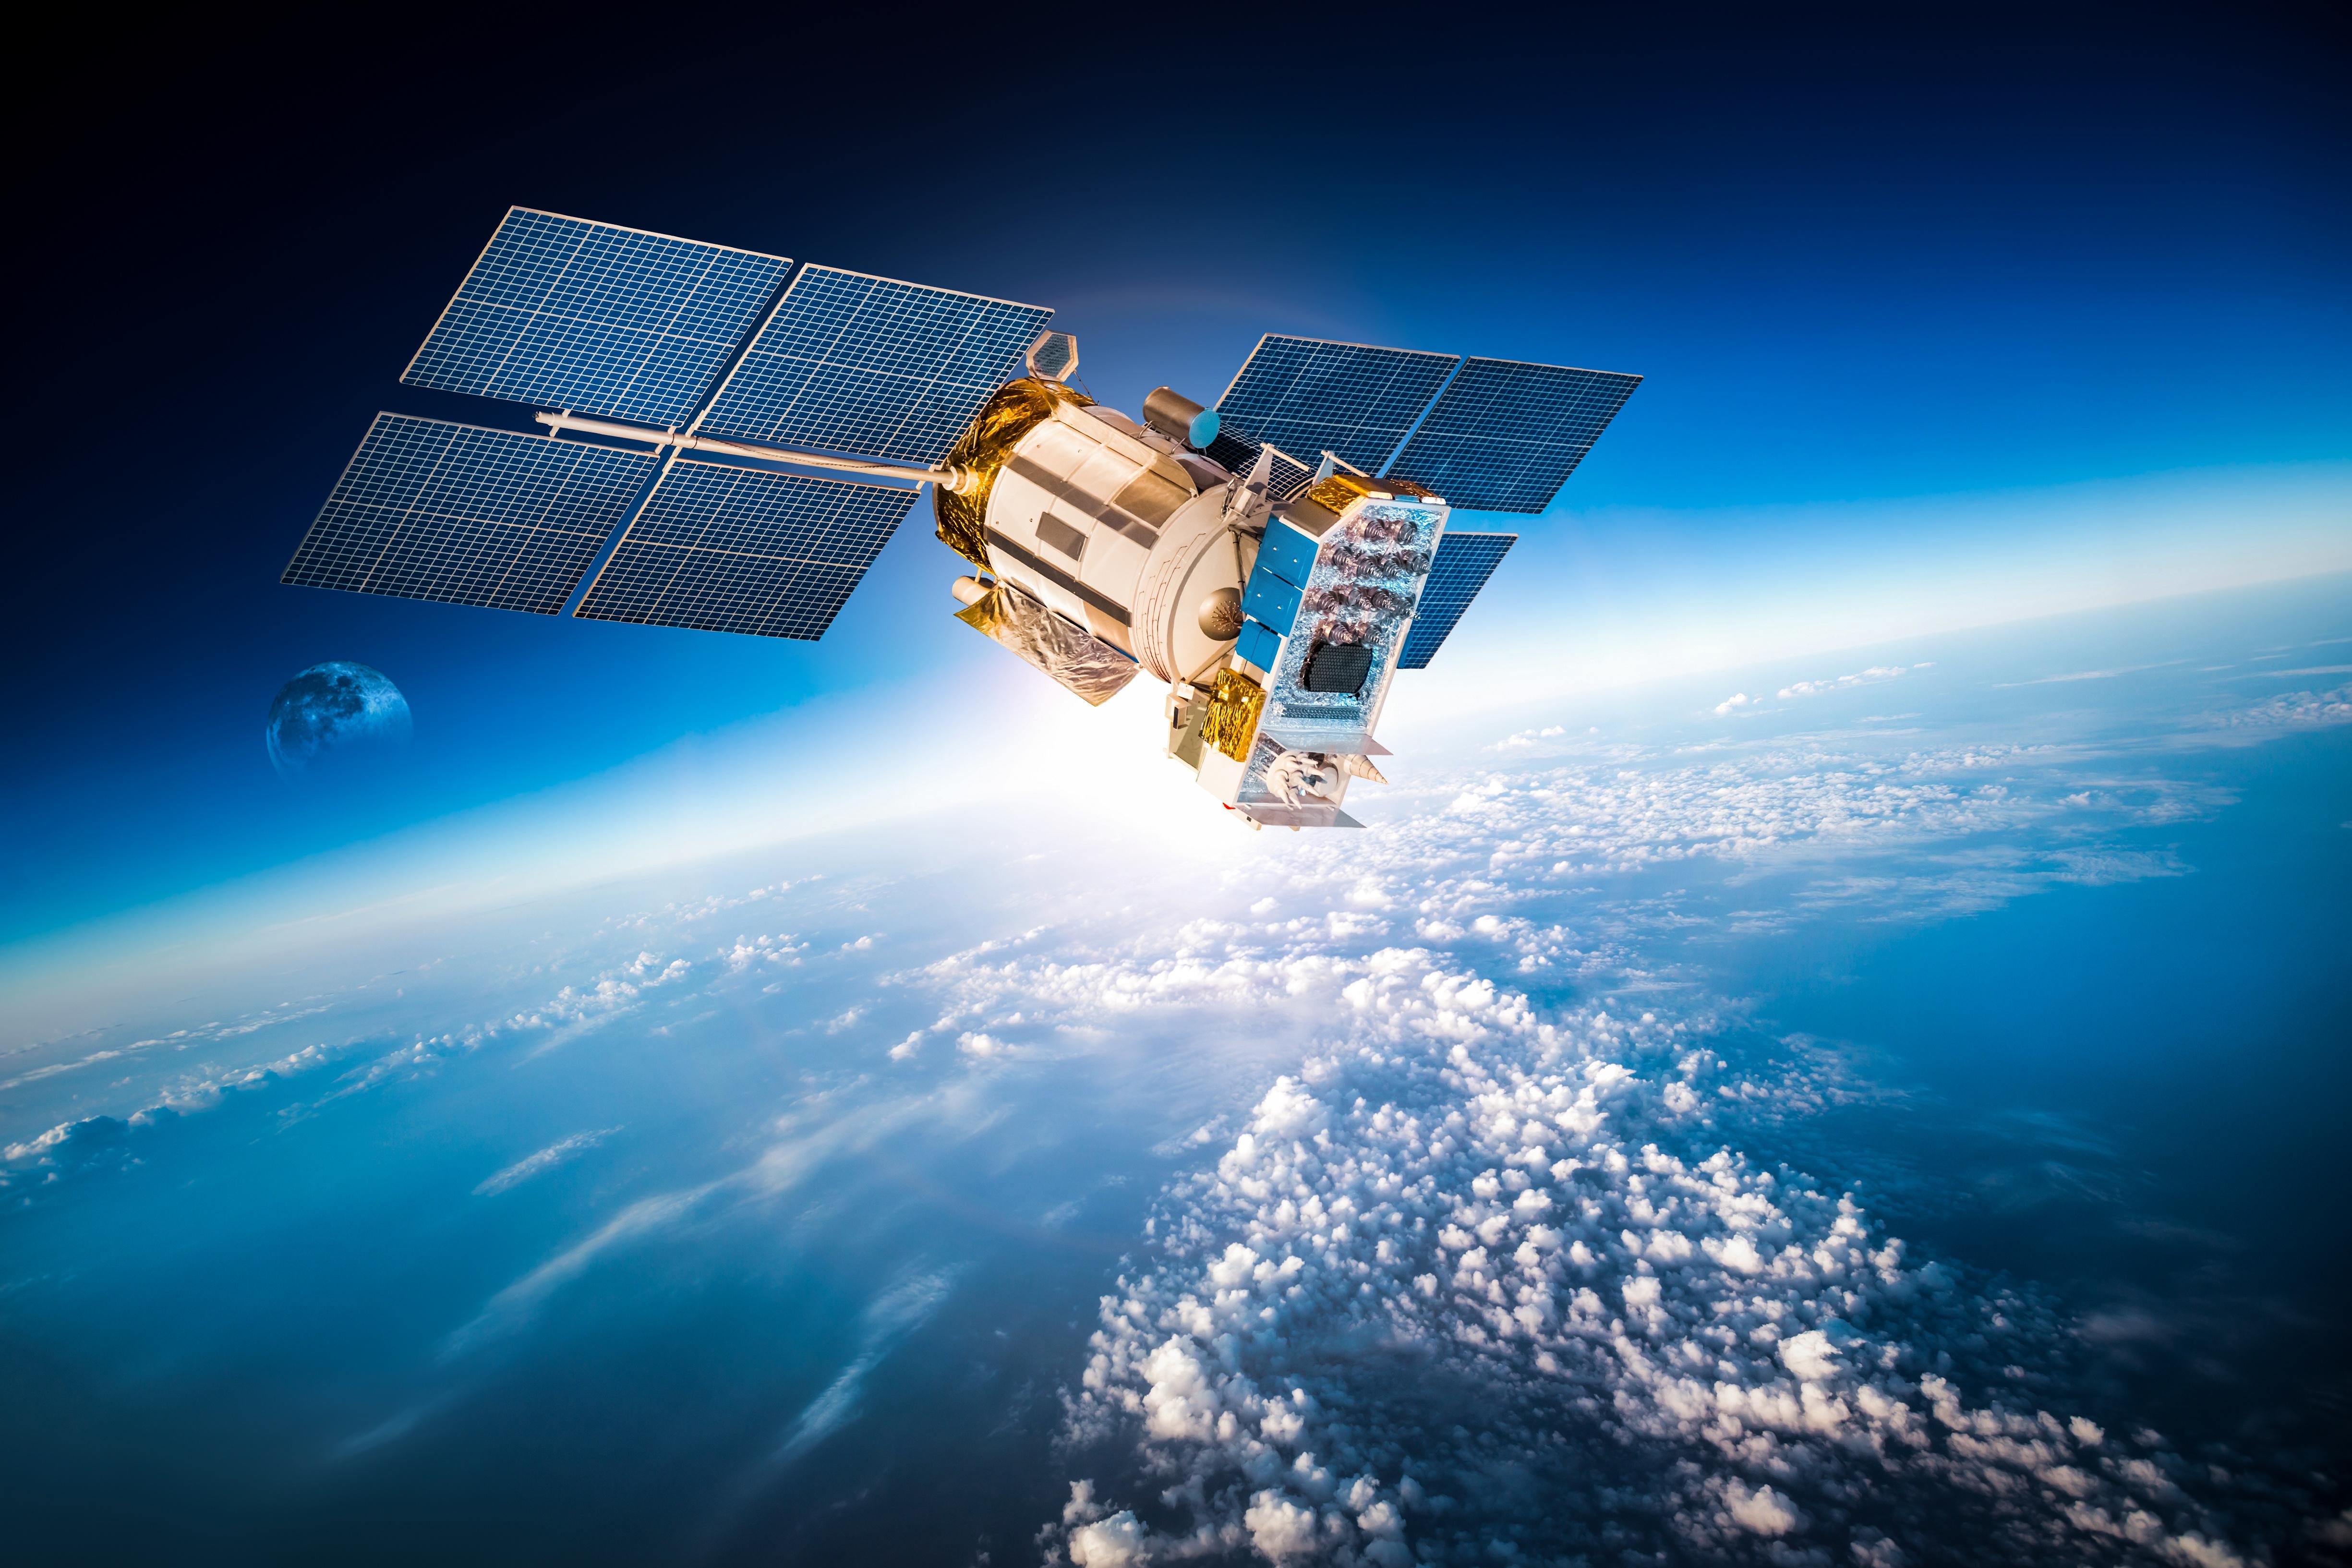 Endlich überall Internet – sind Satelliten die Lösung? - Featured Image